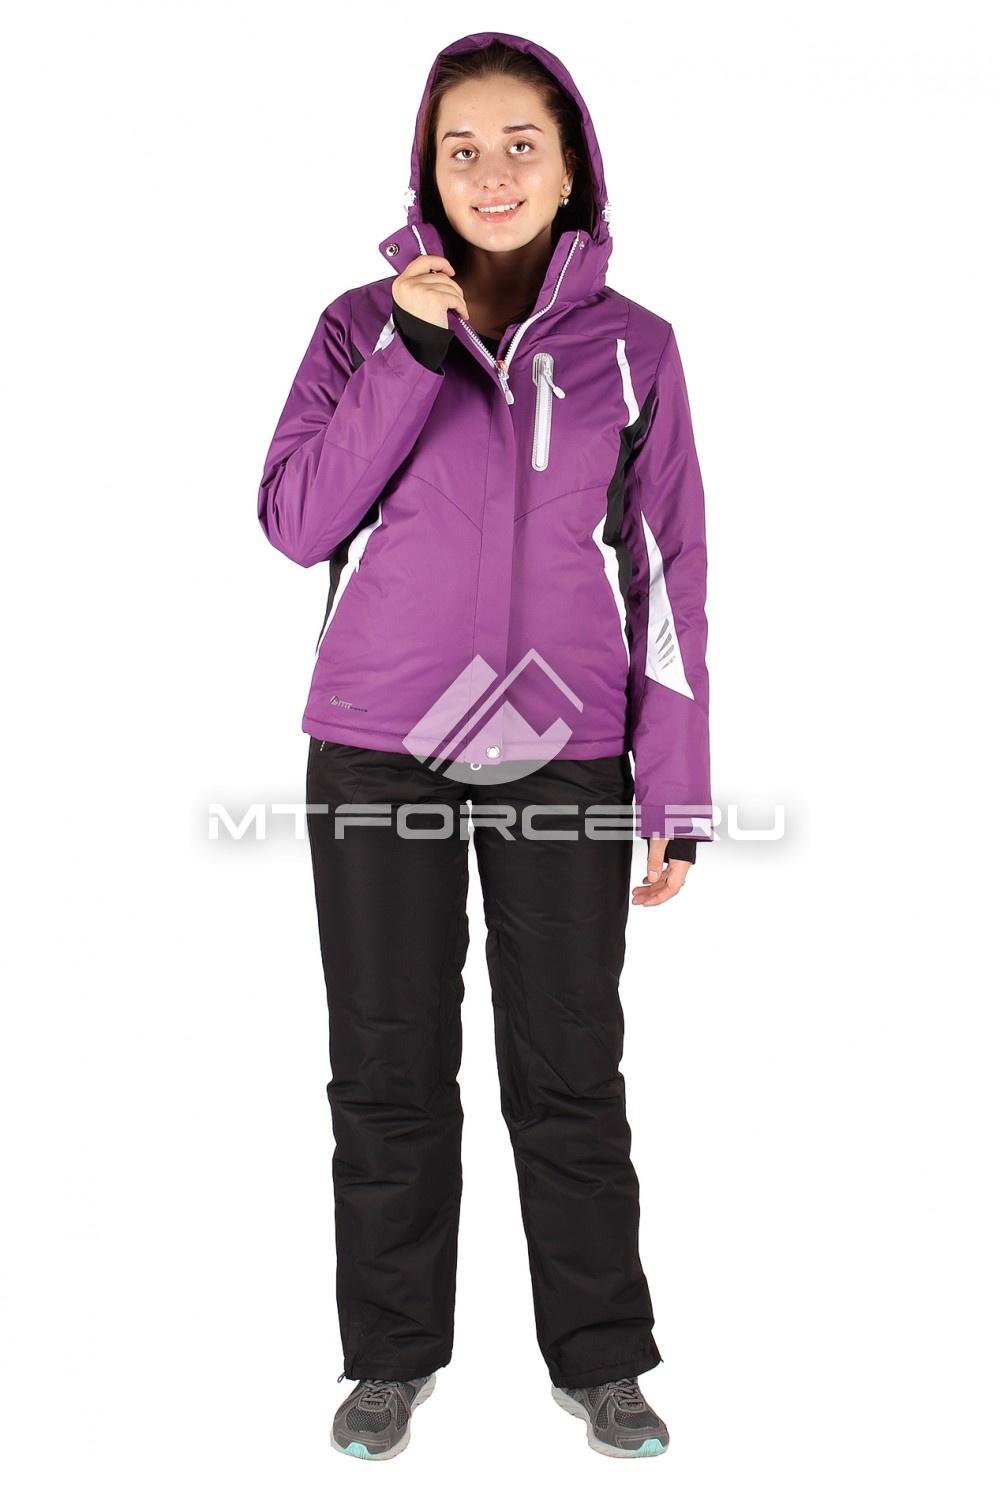 Купить оптом Костюм горнолыжный женский фиолетового цвета 01516F